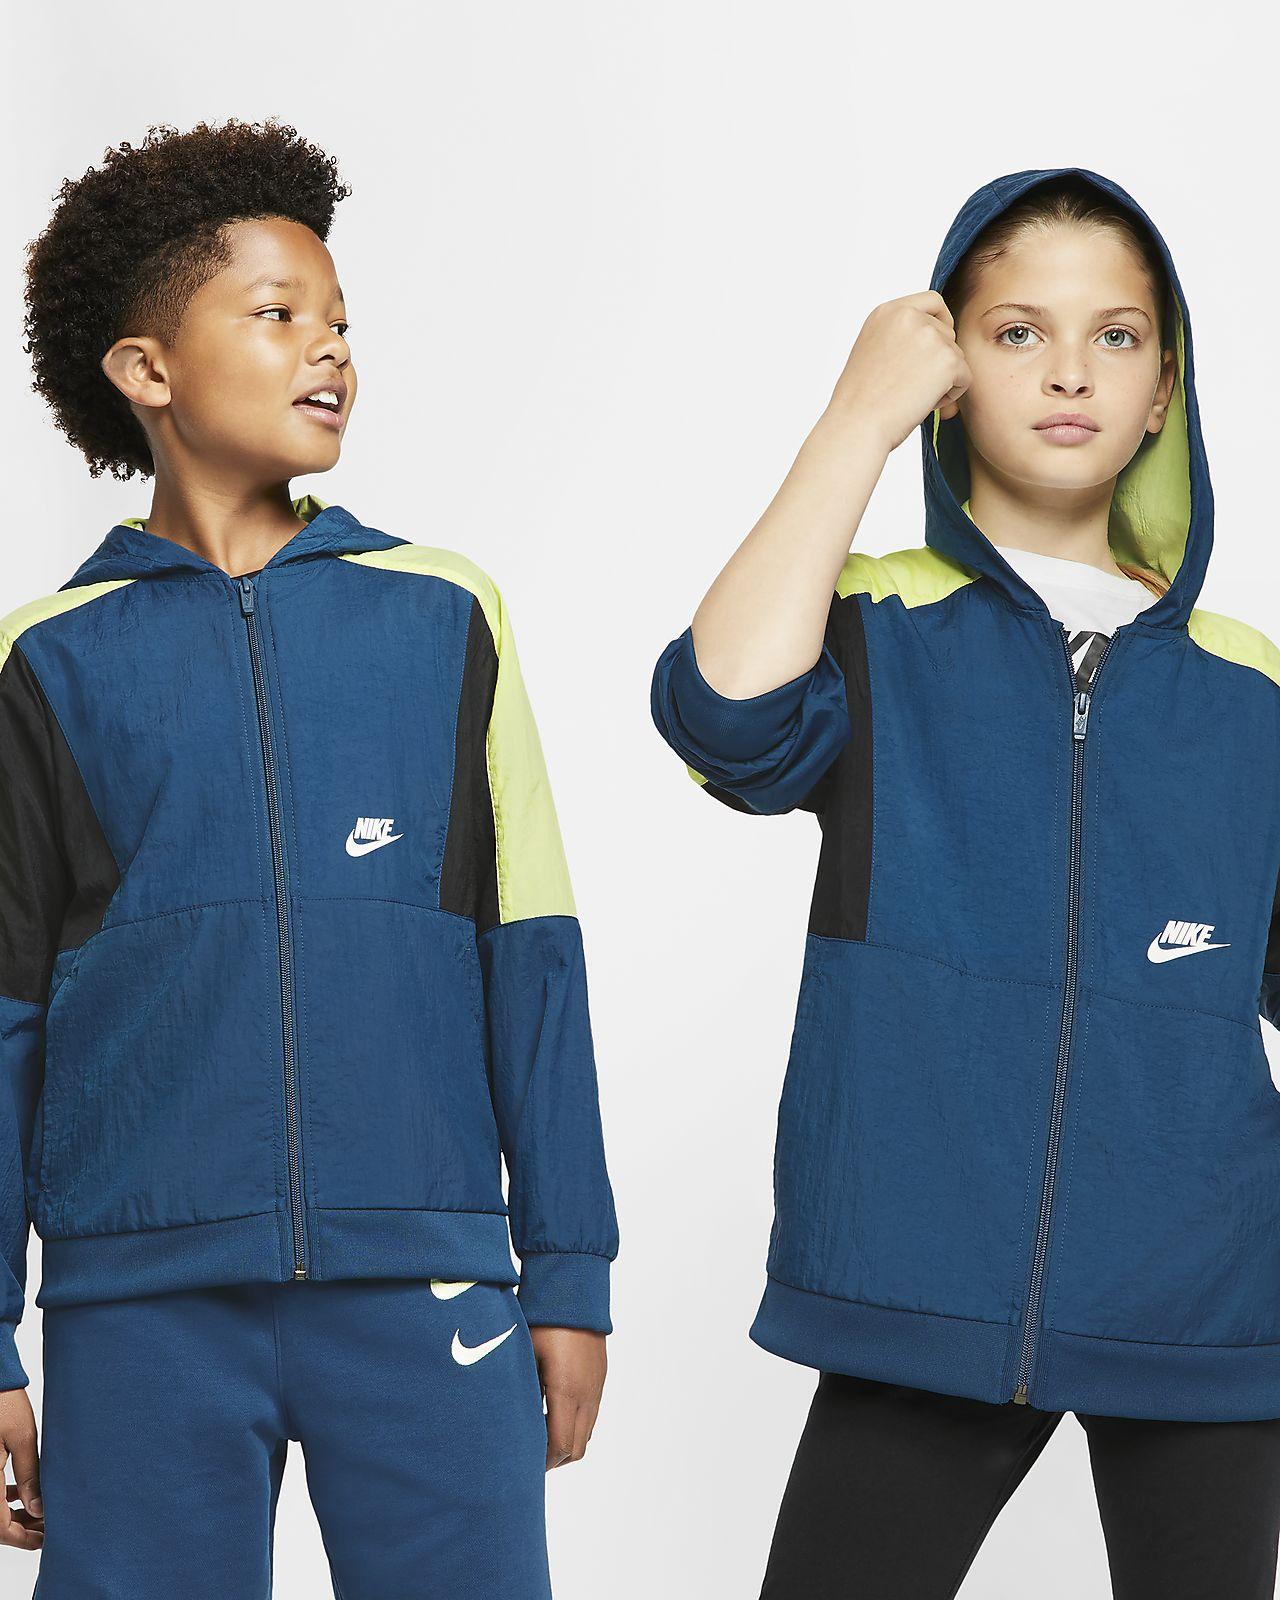 Куртка из тканого материала с молнией во всю длину для мальчиков школьного возраста Nike Sportswear